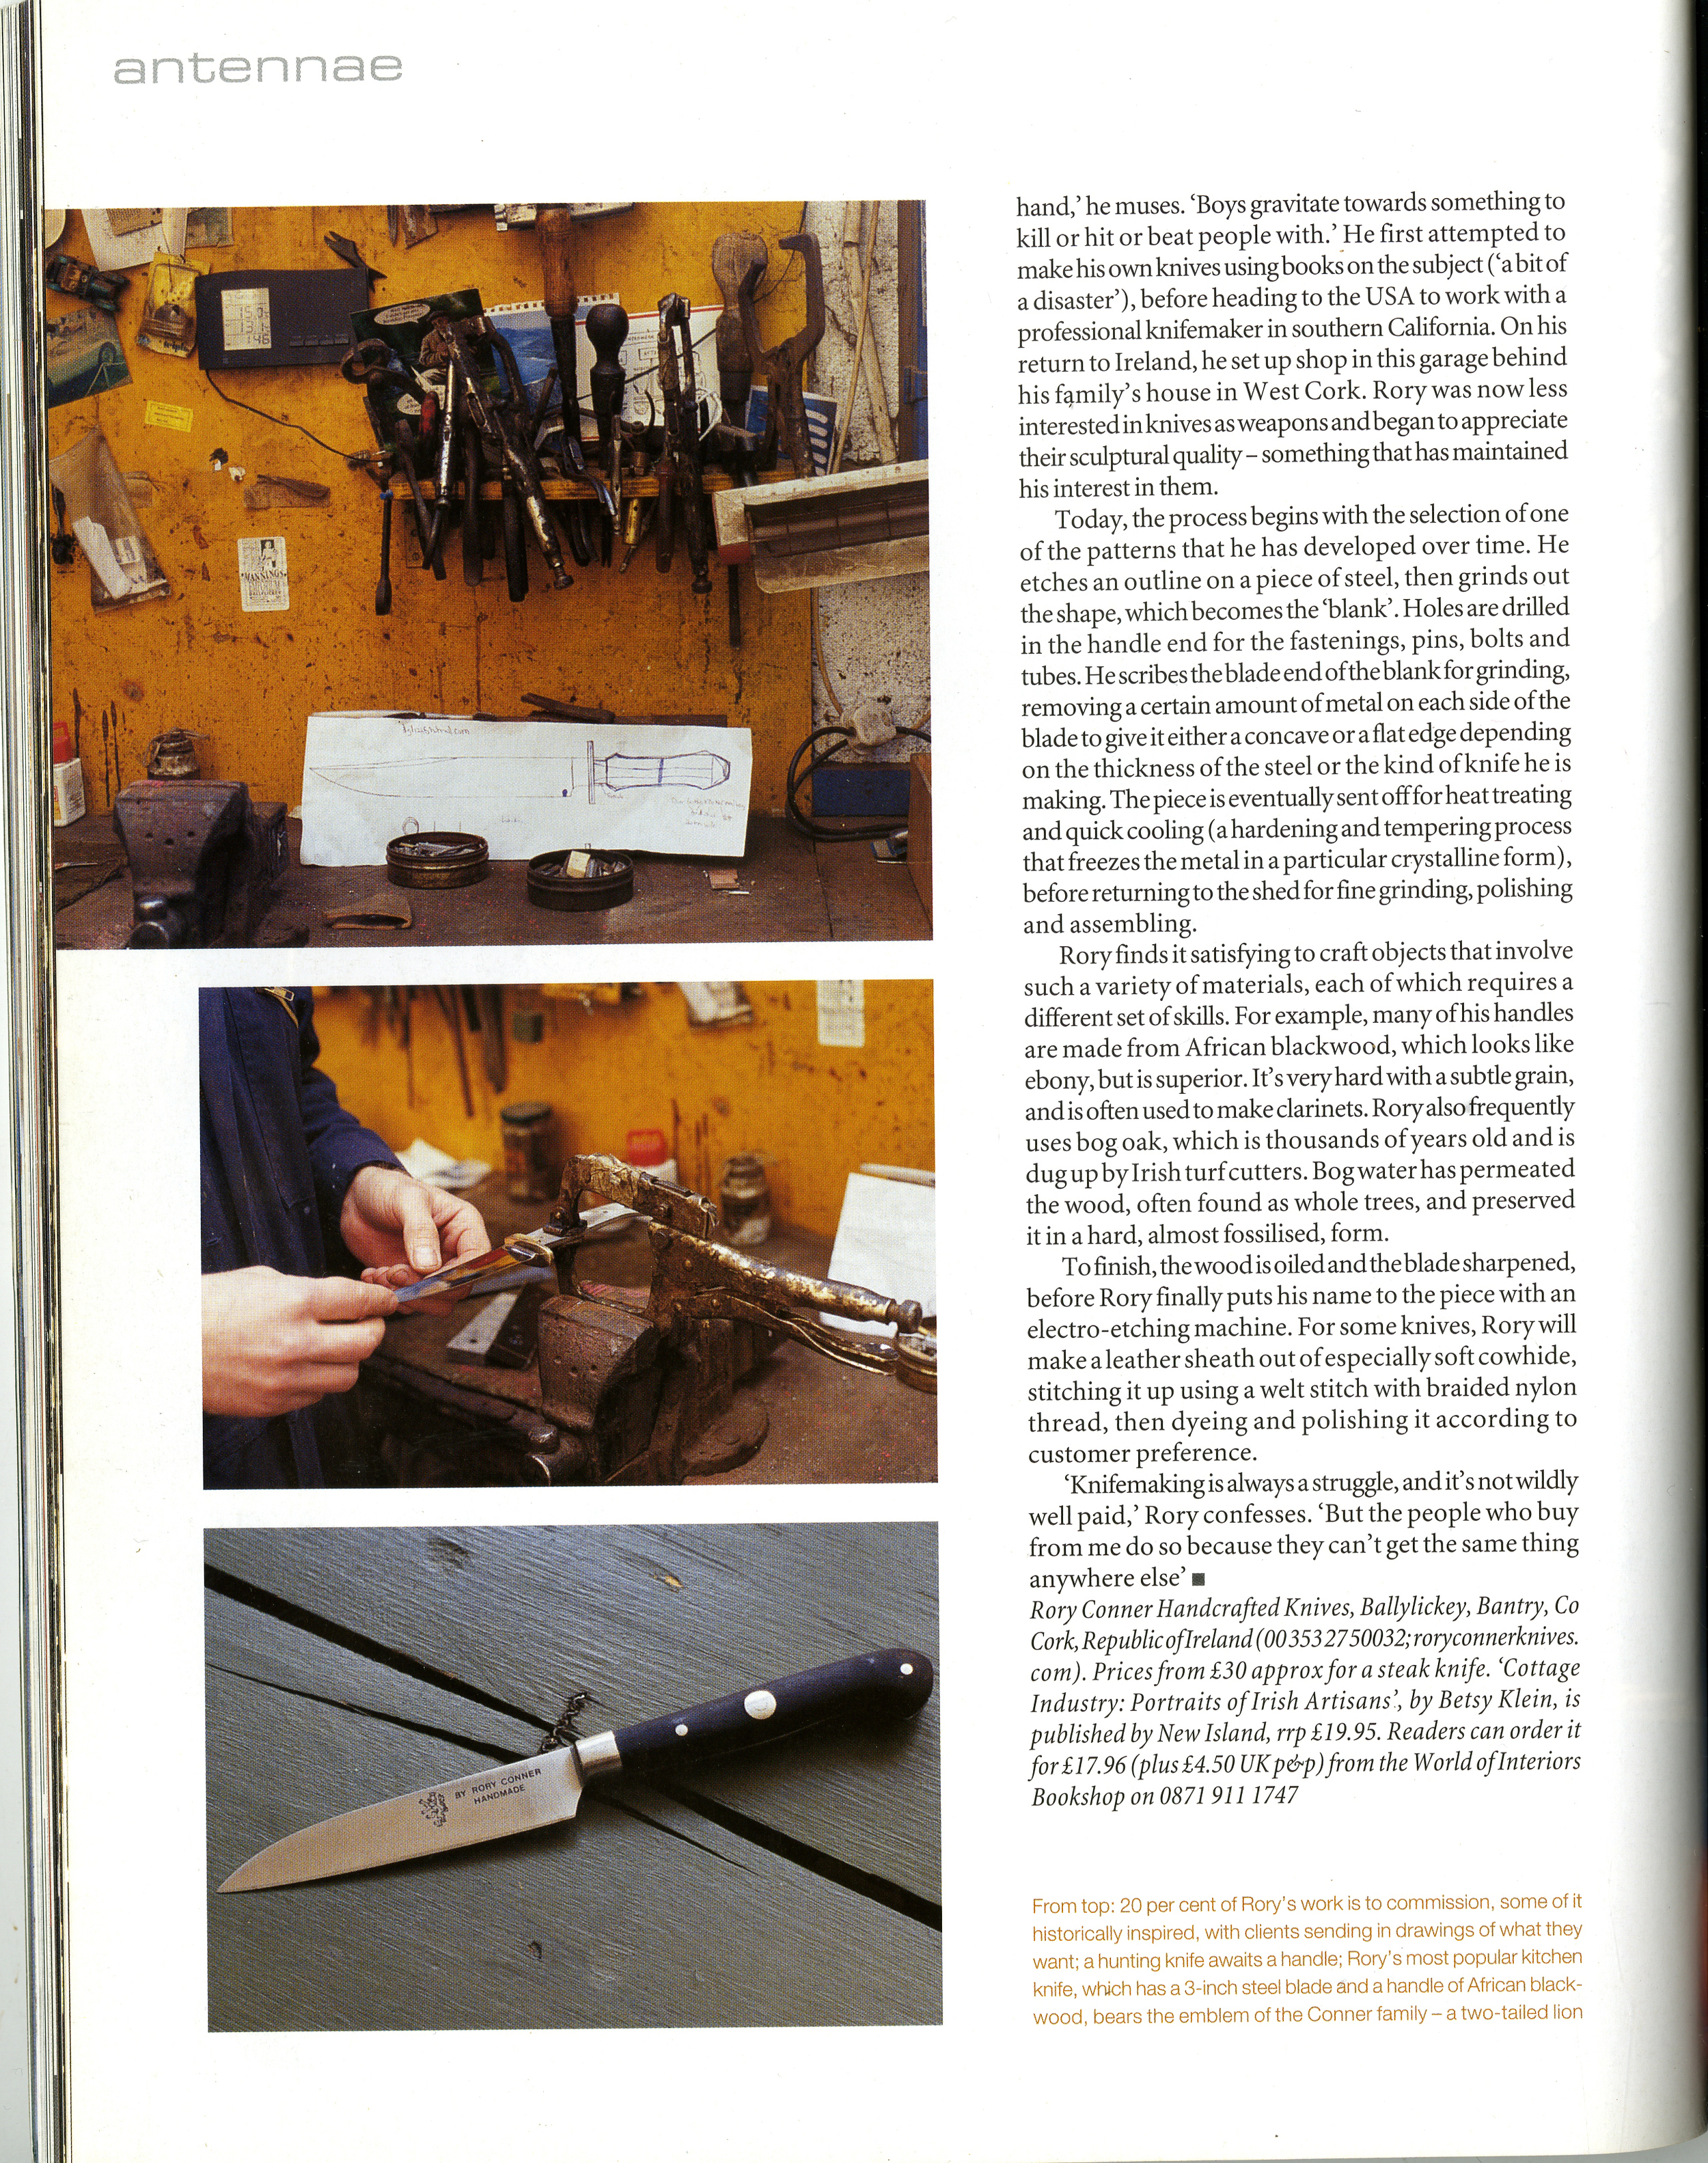 magazineworkWORLDofINTERIORS3.jpg